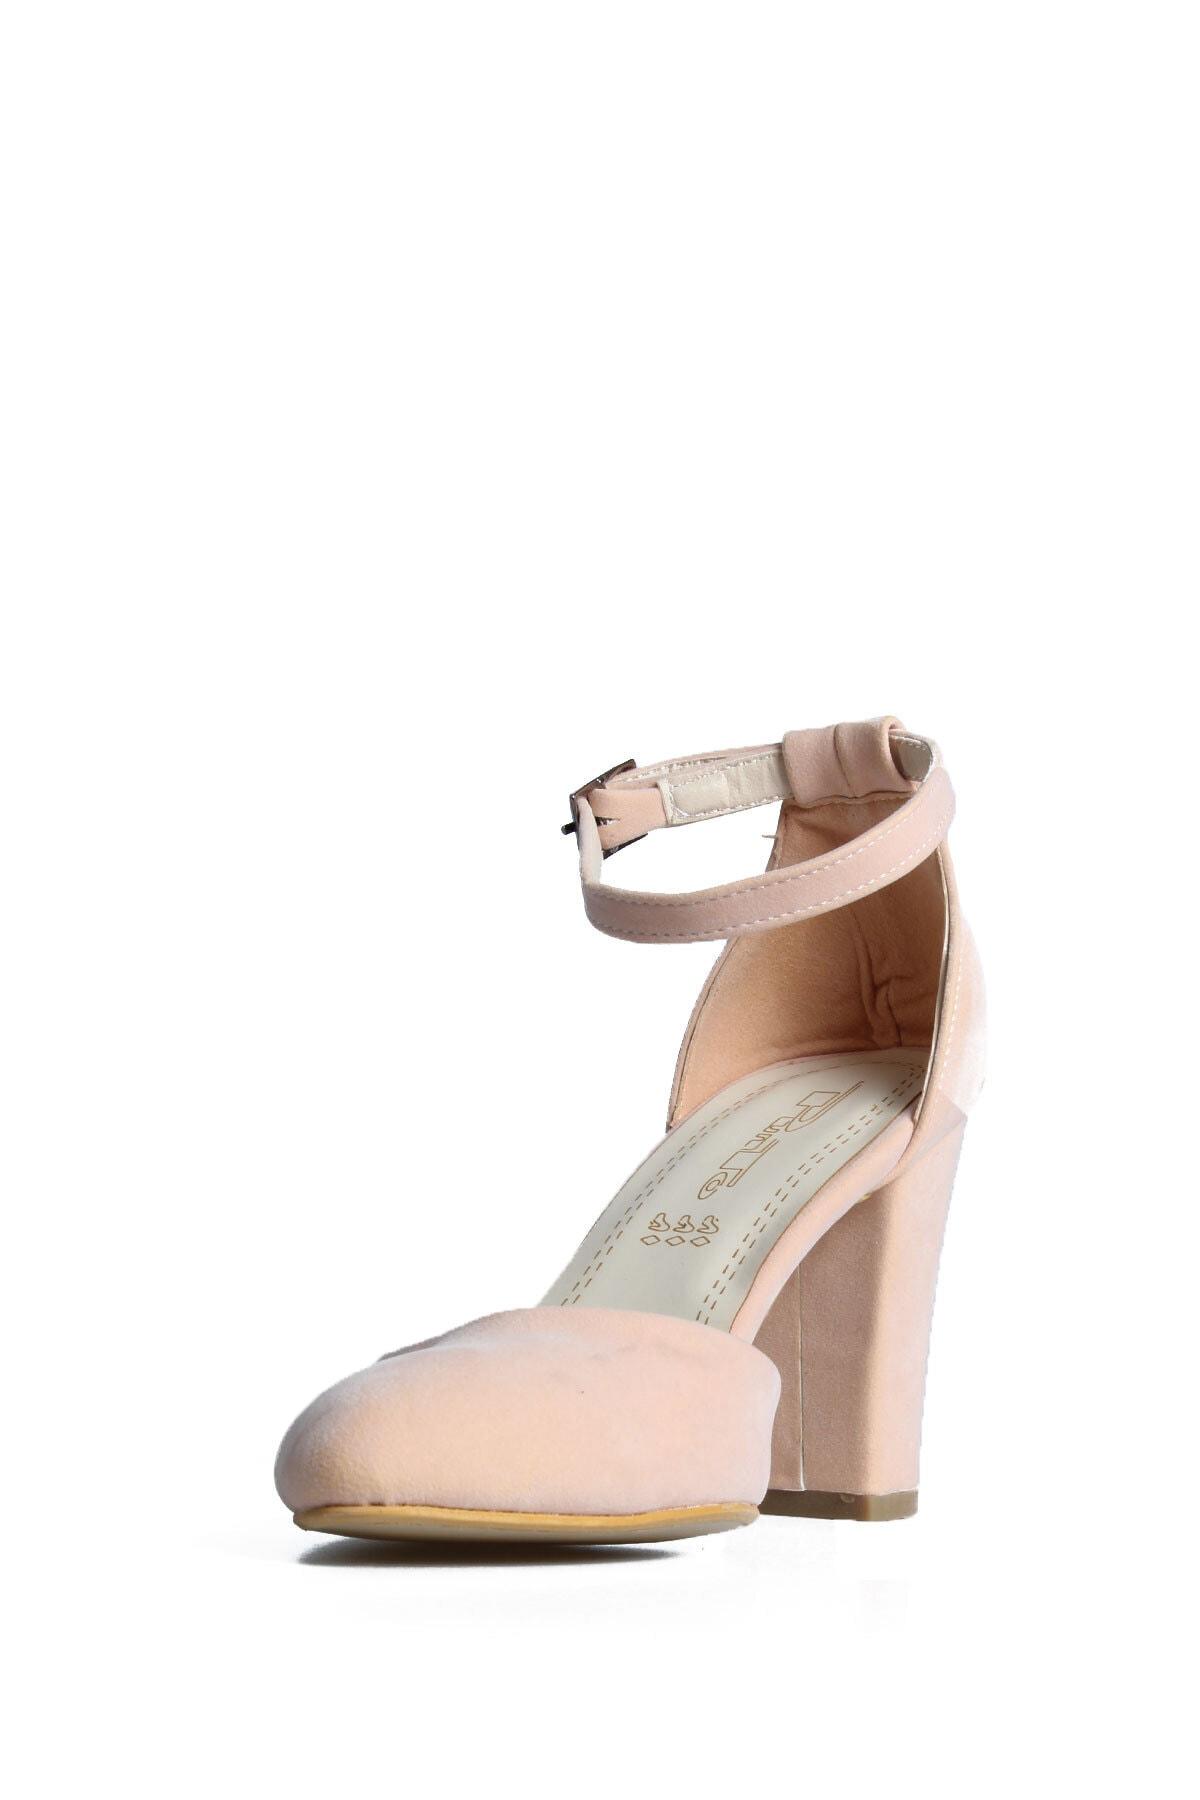 PUNTO Kadın Pembe Süet Topuklu Ayakkabı 2